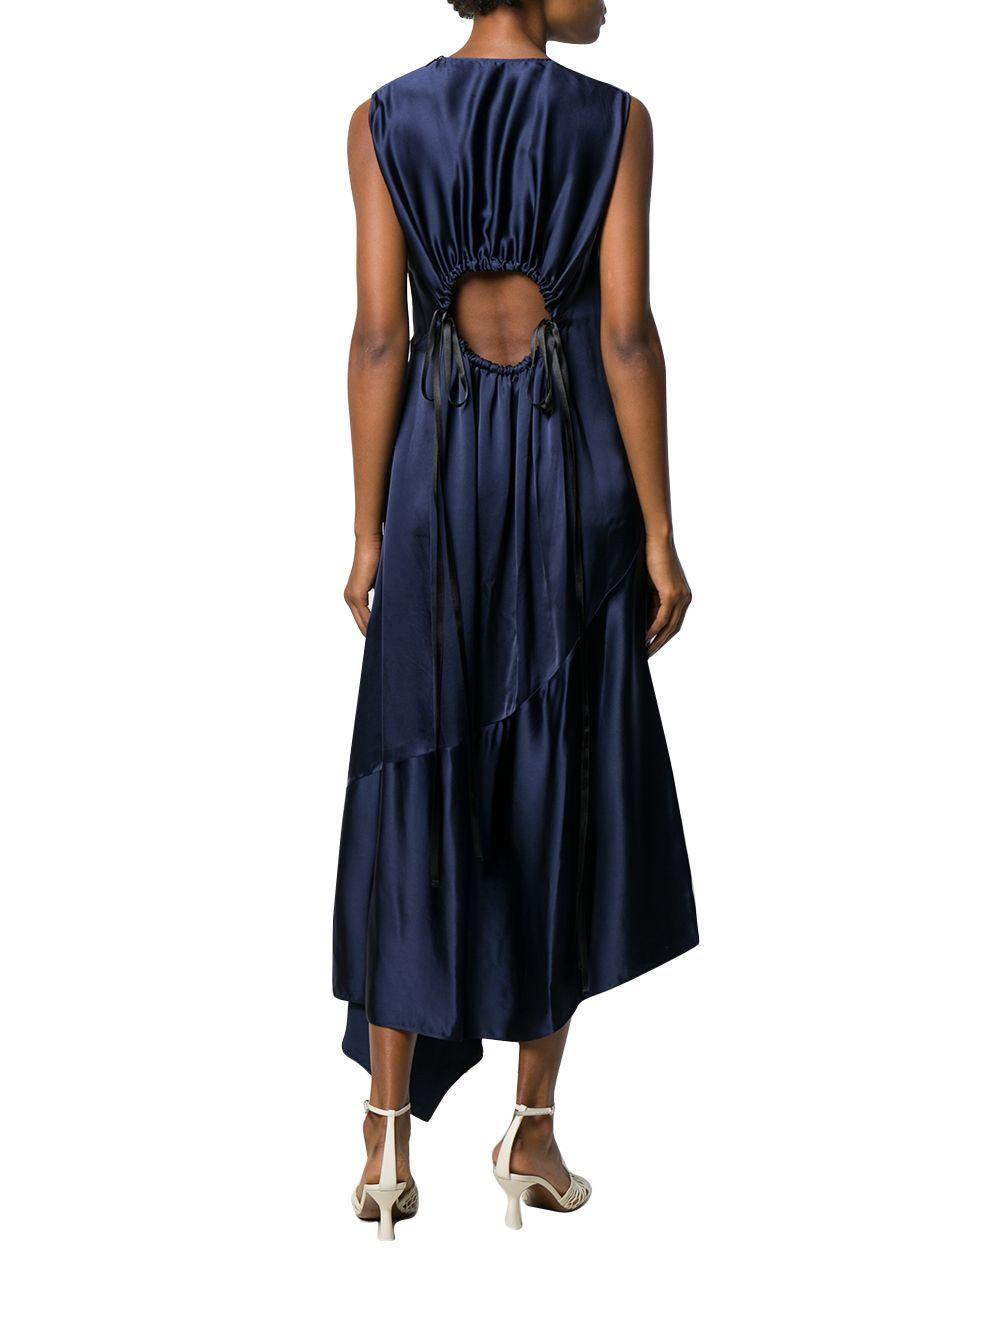 LOEWE WOMEN'S D2296620FA5110 BLUE VISCOSE DRESS